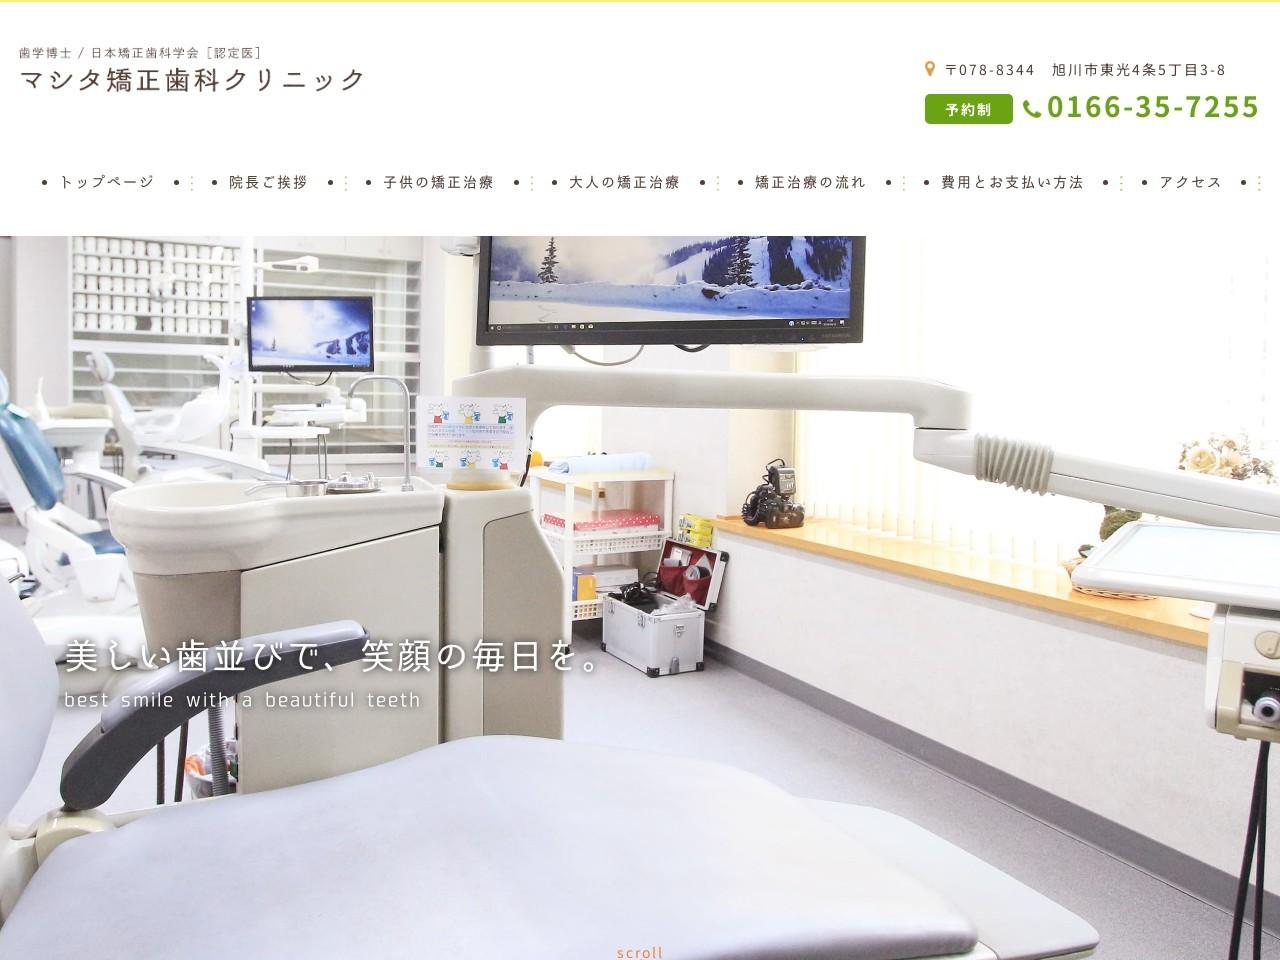 マシタ矯正歯科クリニック (北海道旭川市)